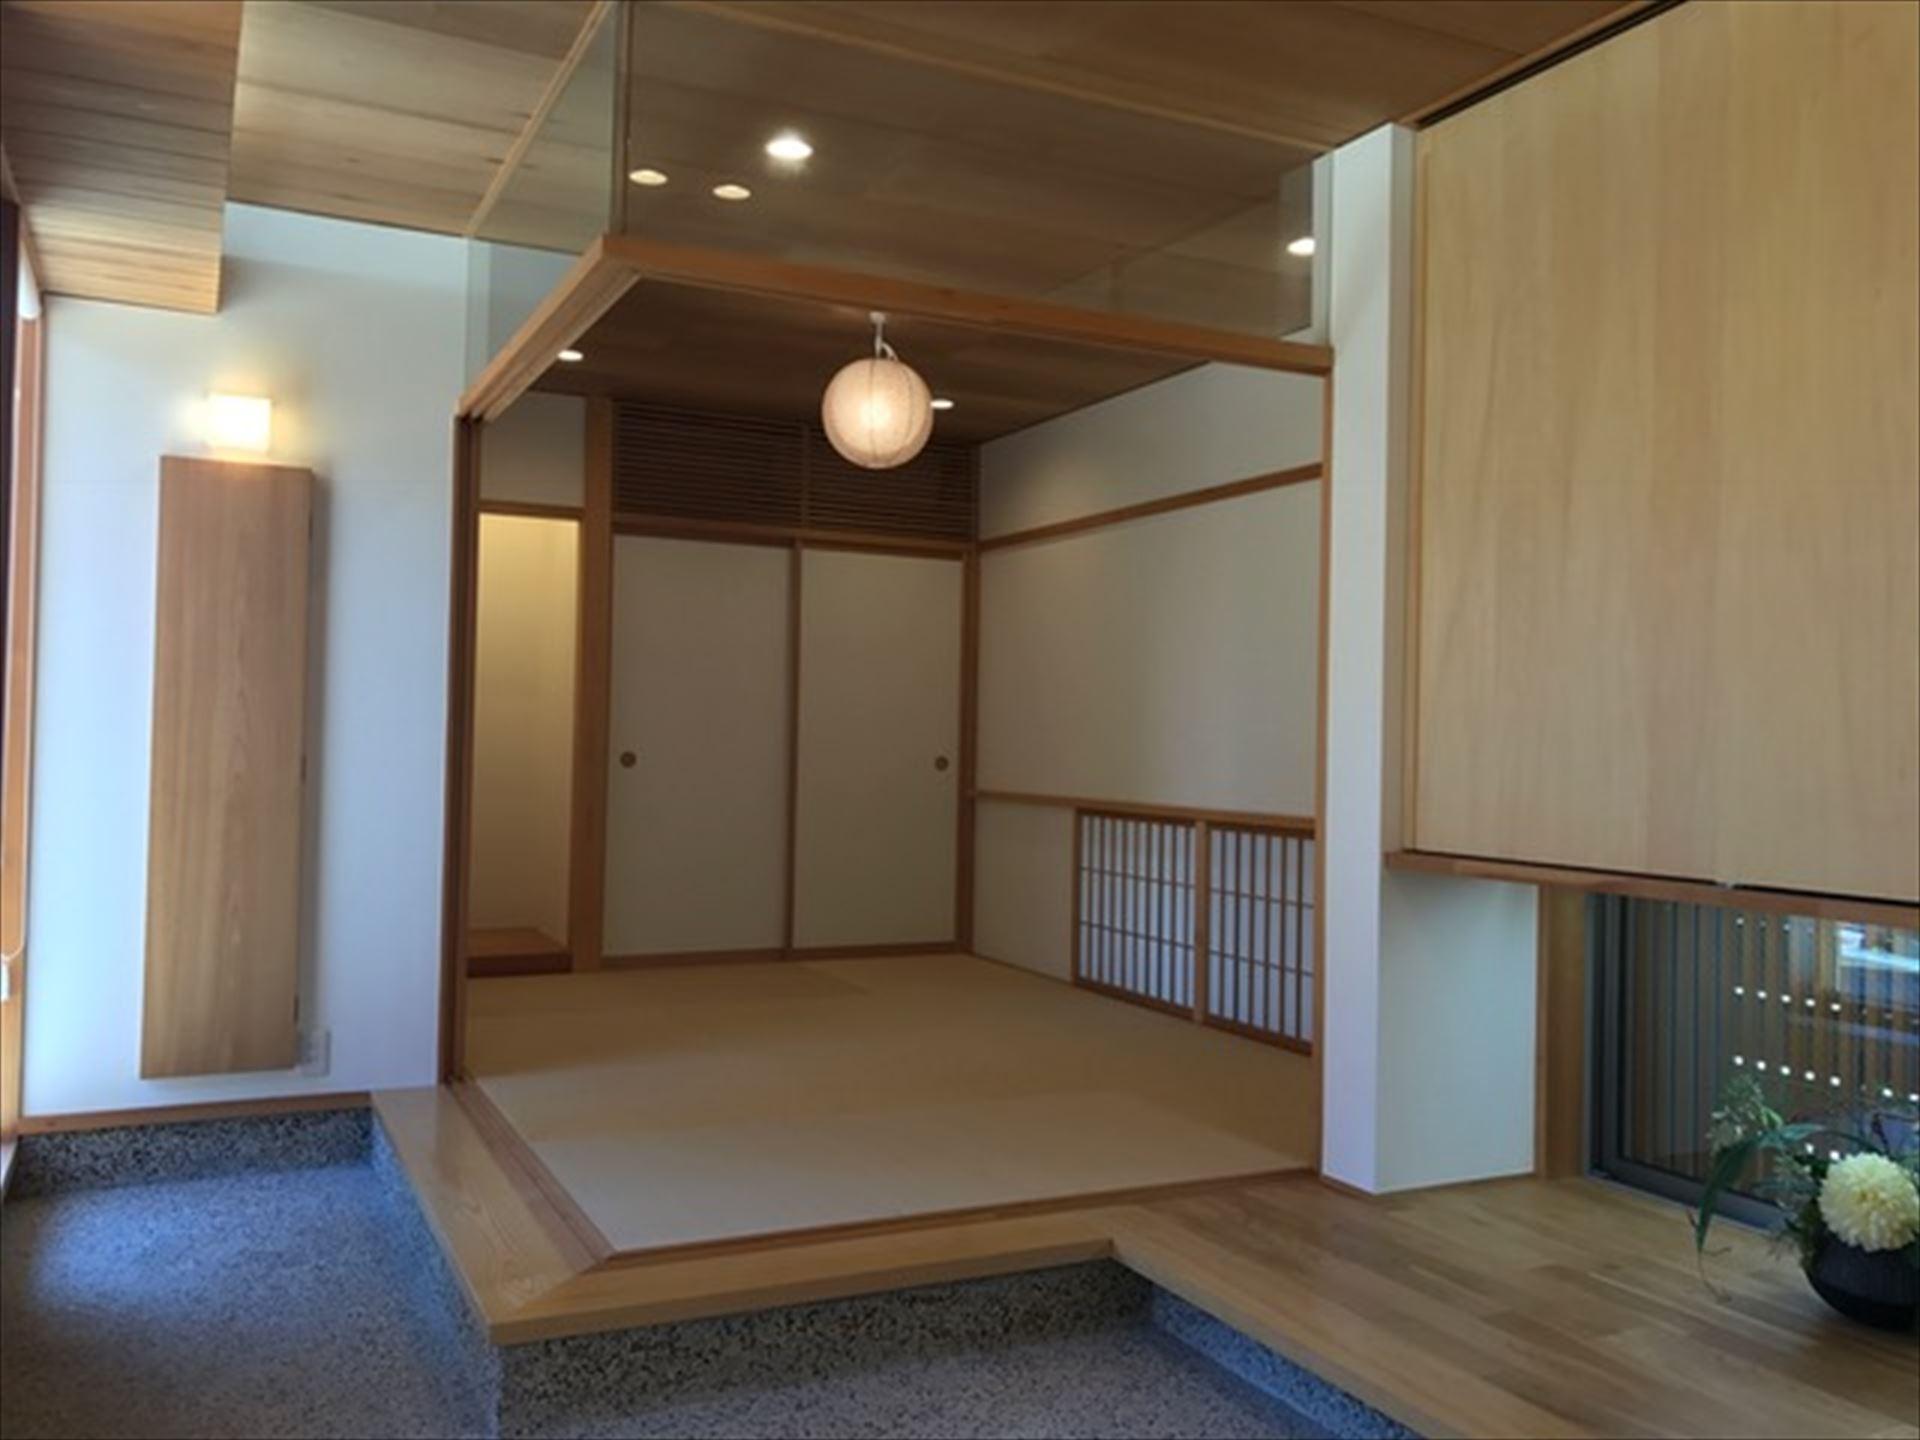 愛知県 「古券の家」 木造2階建 竣工写真撮影